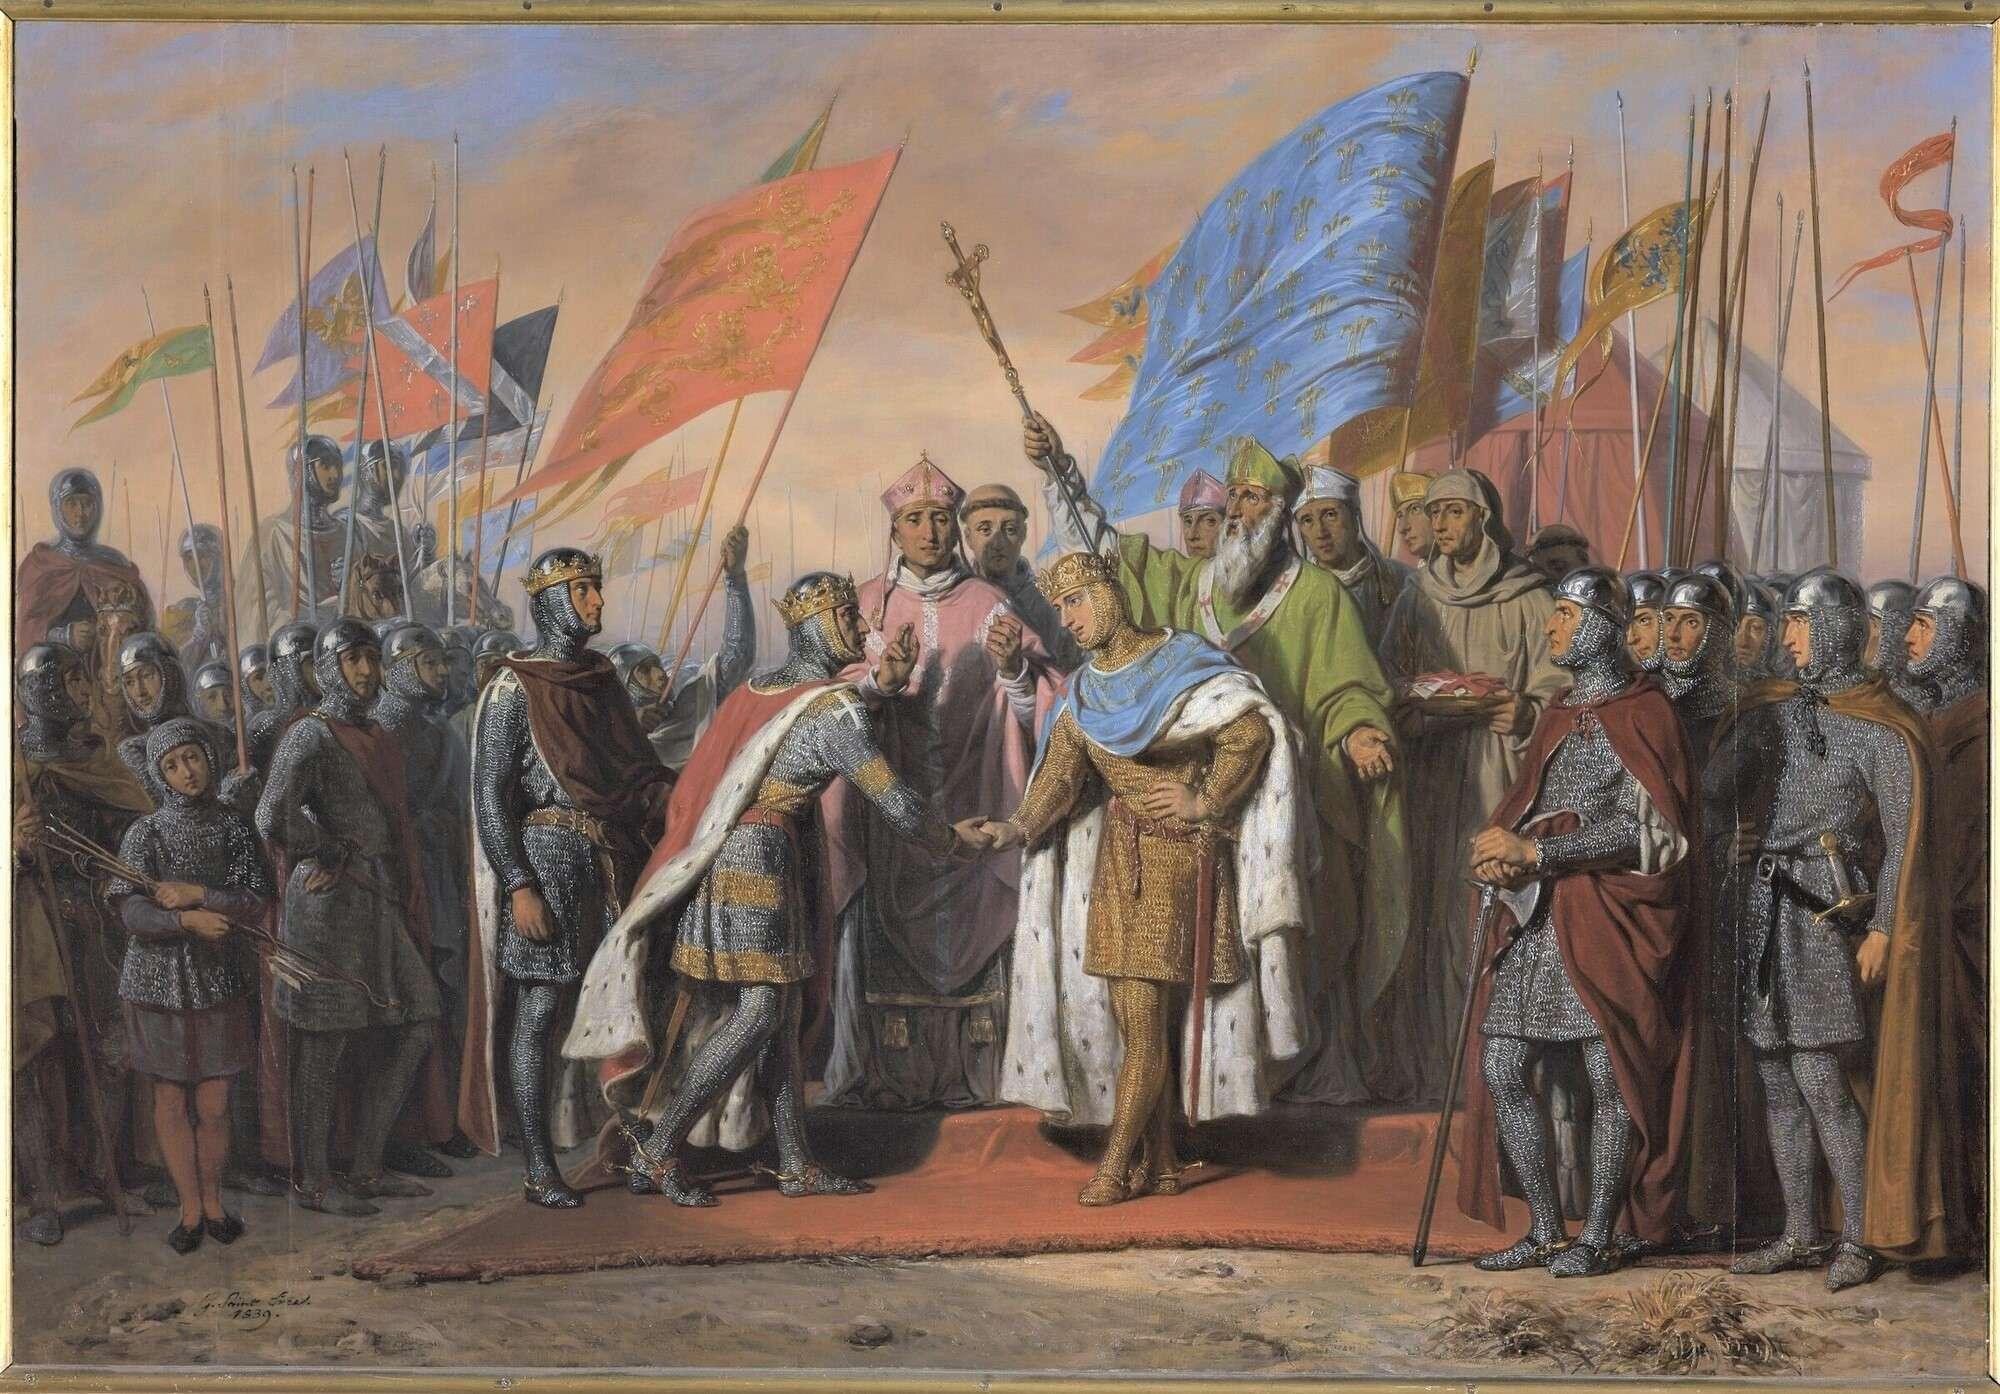 Σταυροφόροι· κάτω αριστερά διακρίνεται ένα μικρό παιδί με πανοπλία. Quelques portraits des Salles des Croisades du Château de Versailles.